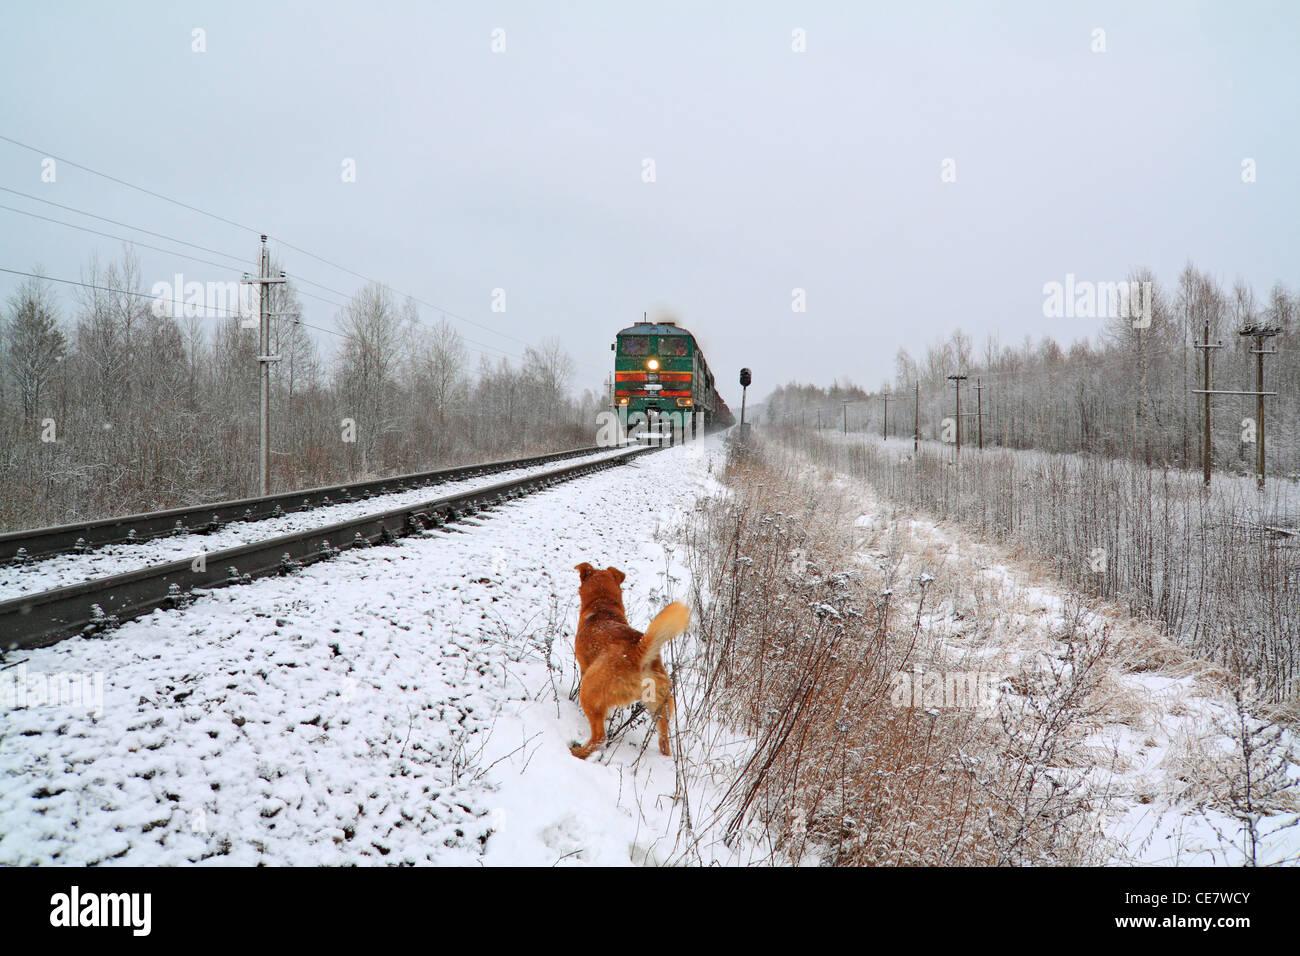 redhead dog will attack train Stock Photo